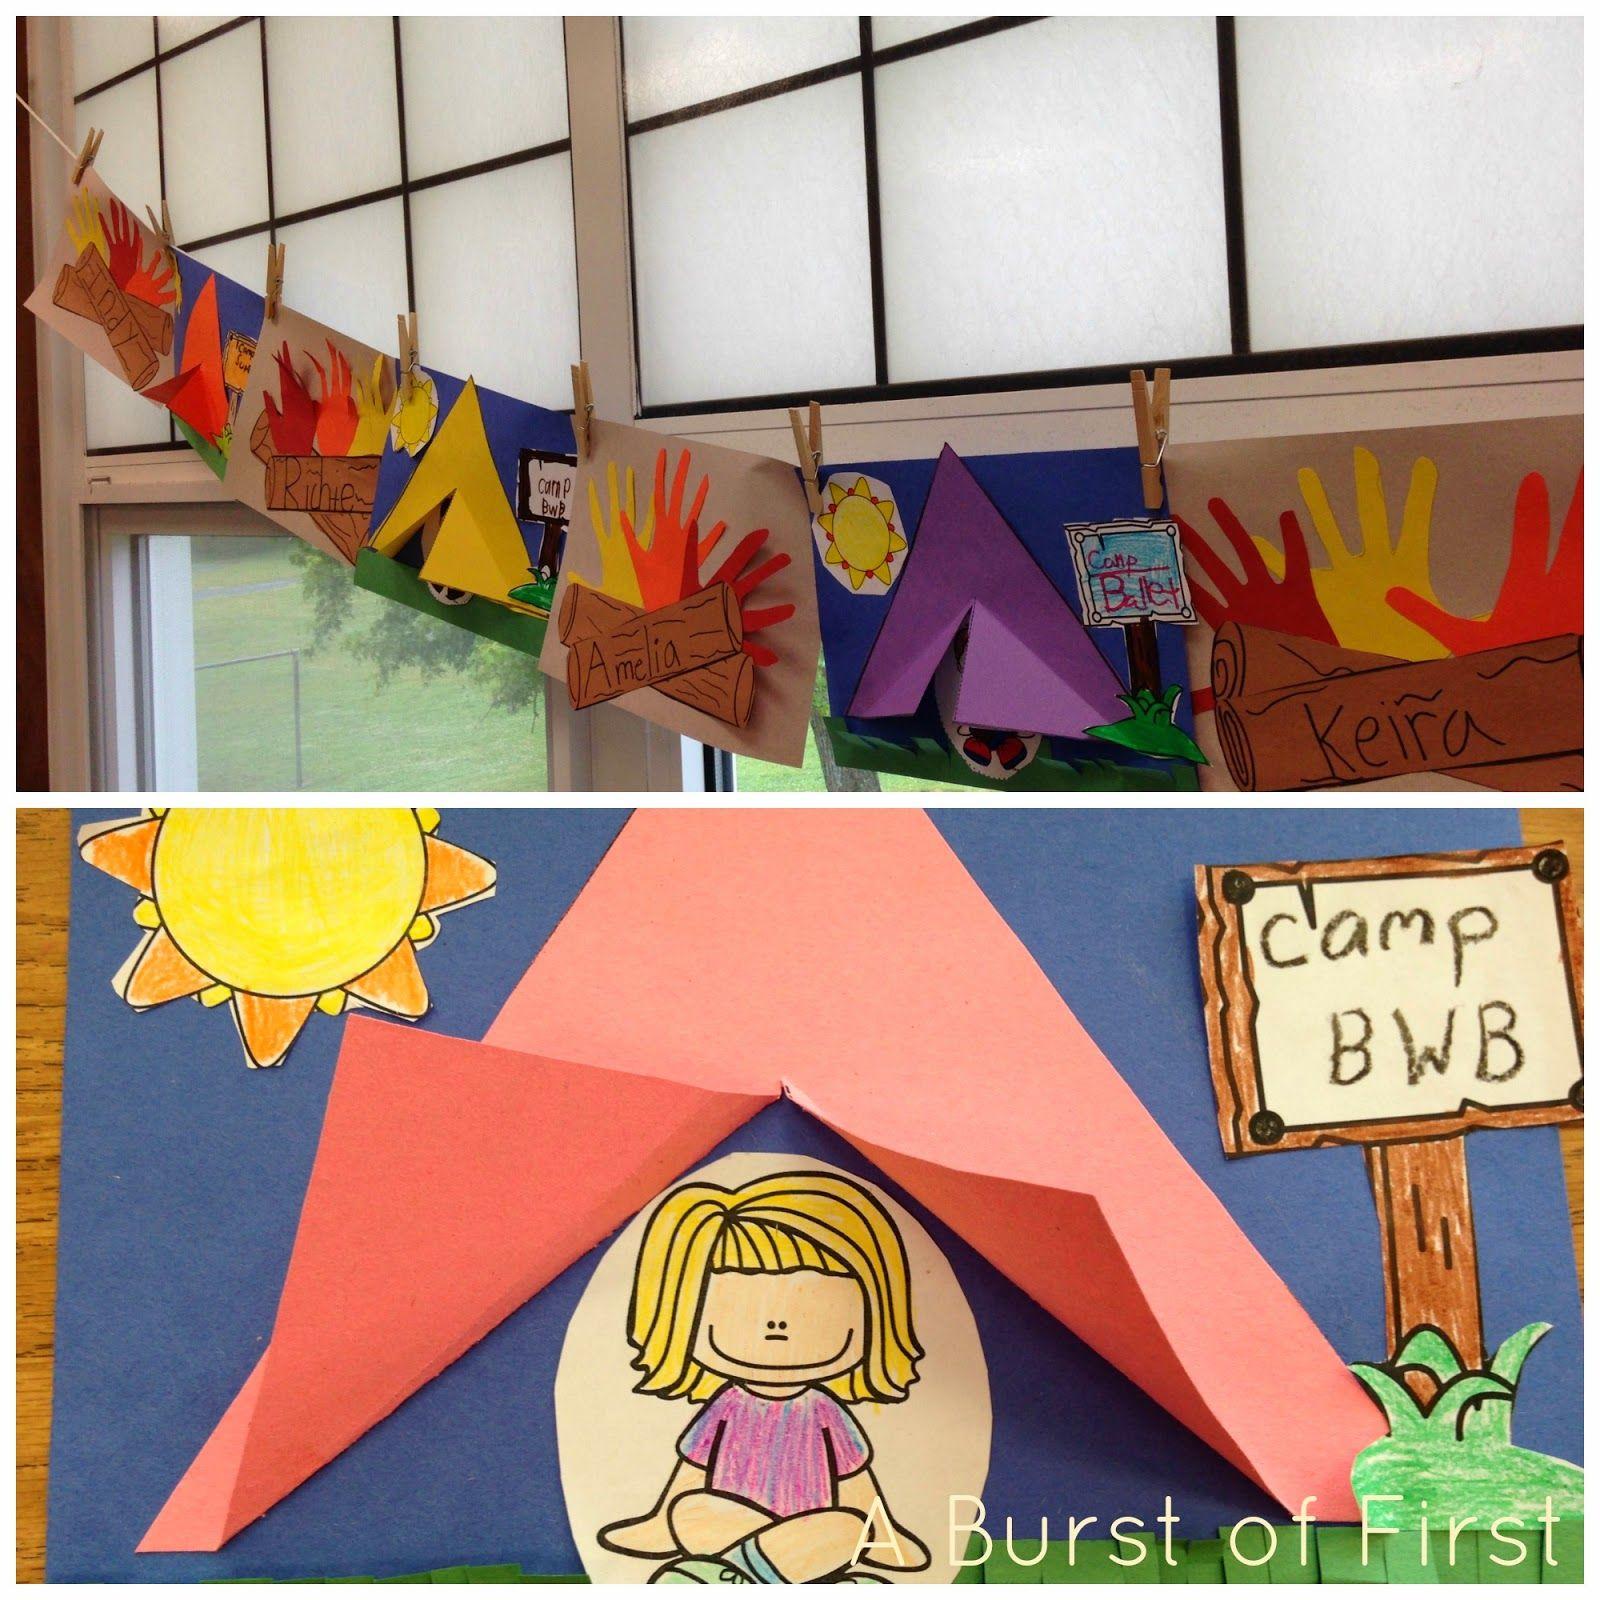 01fdae53cbdff9101ad9e5f199f8dd35 - When Do Kids Go To Kindergarten